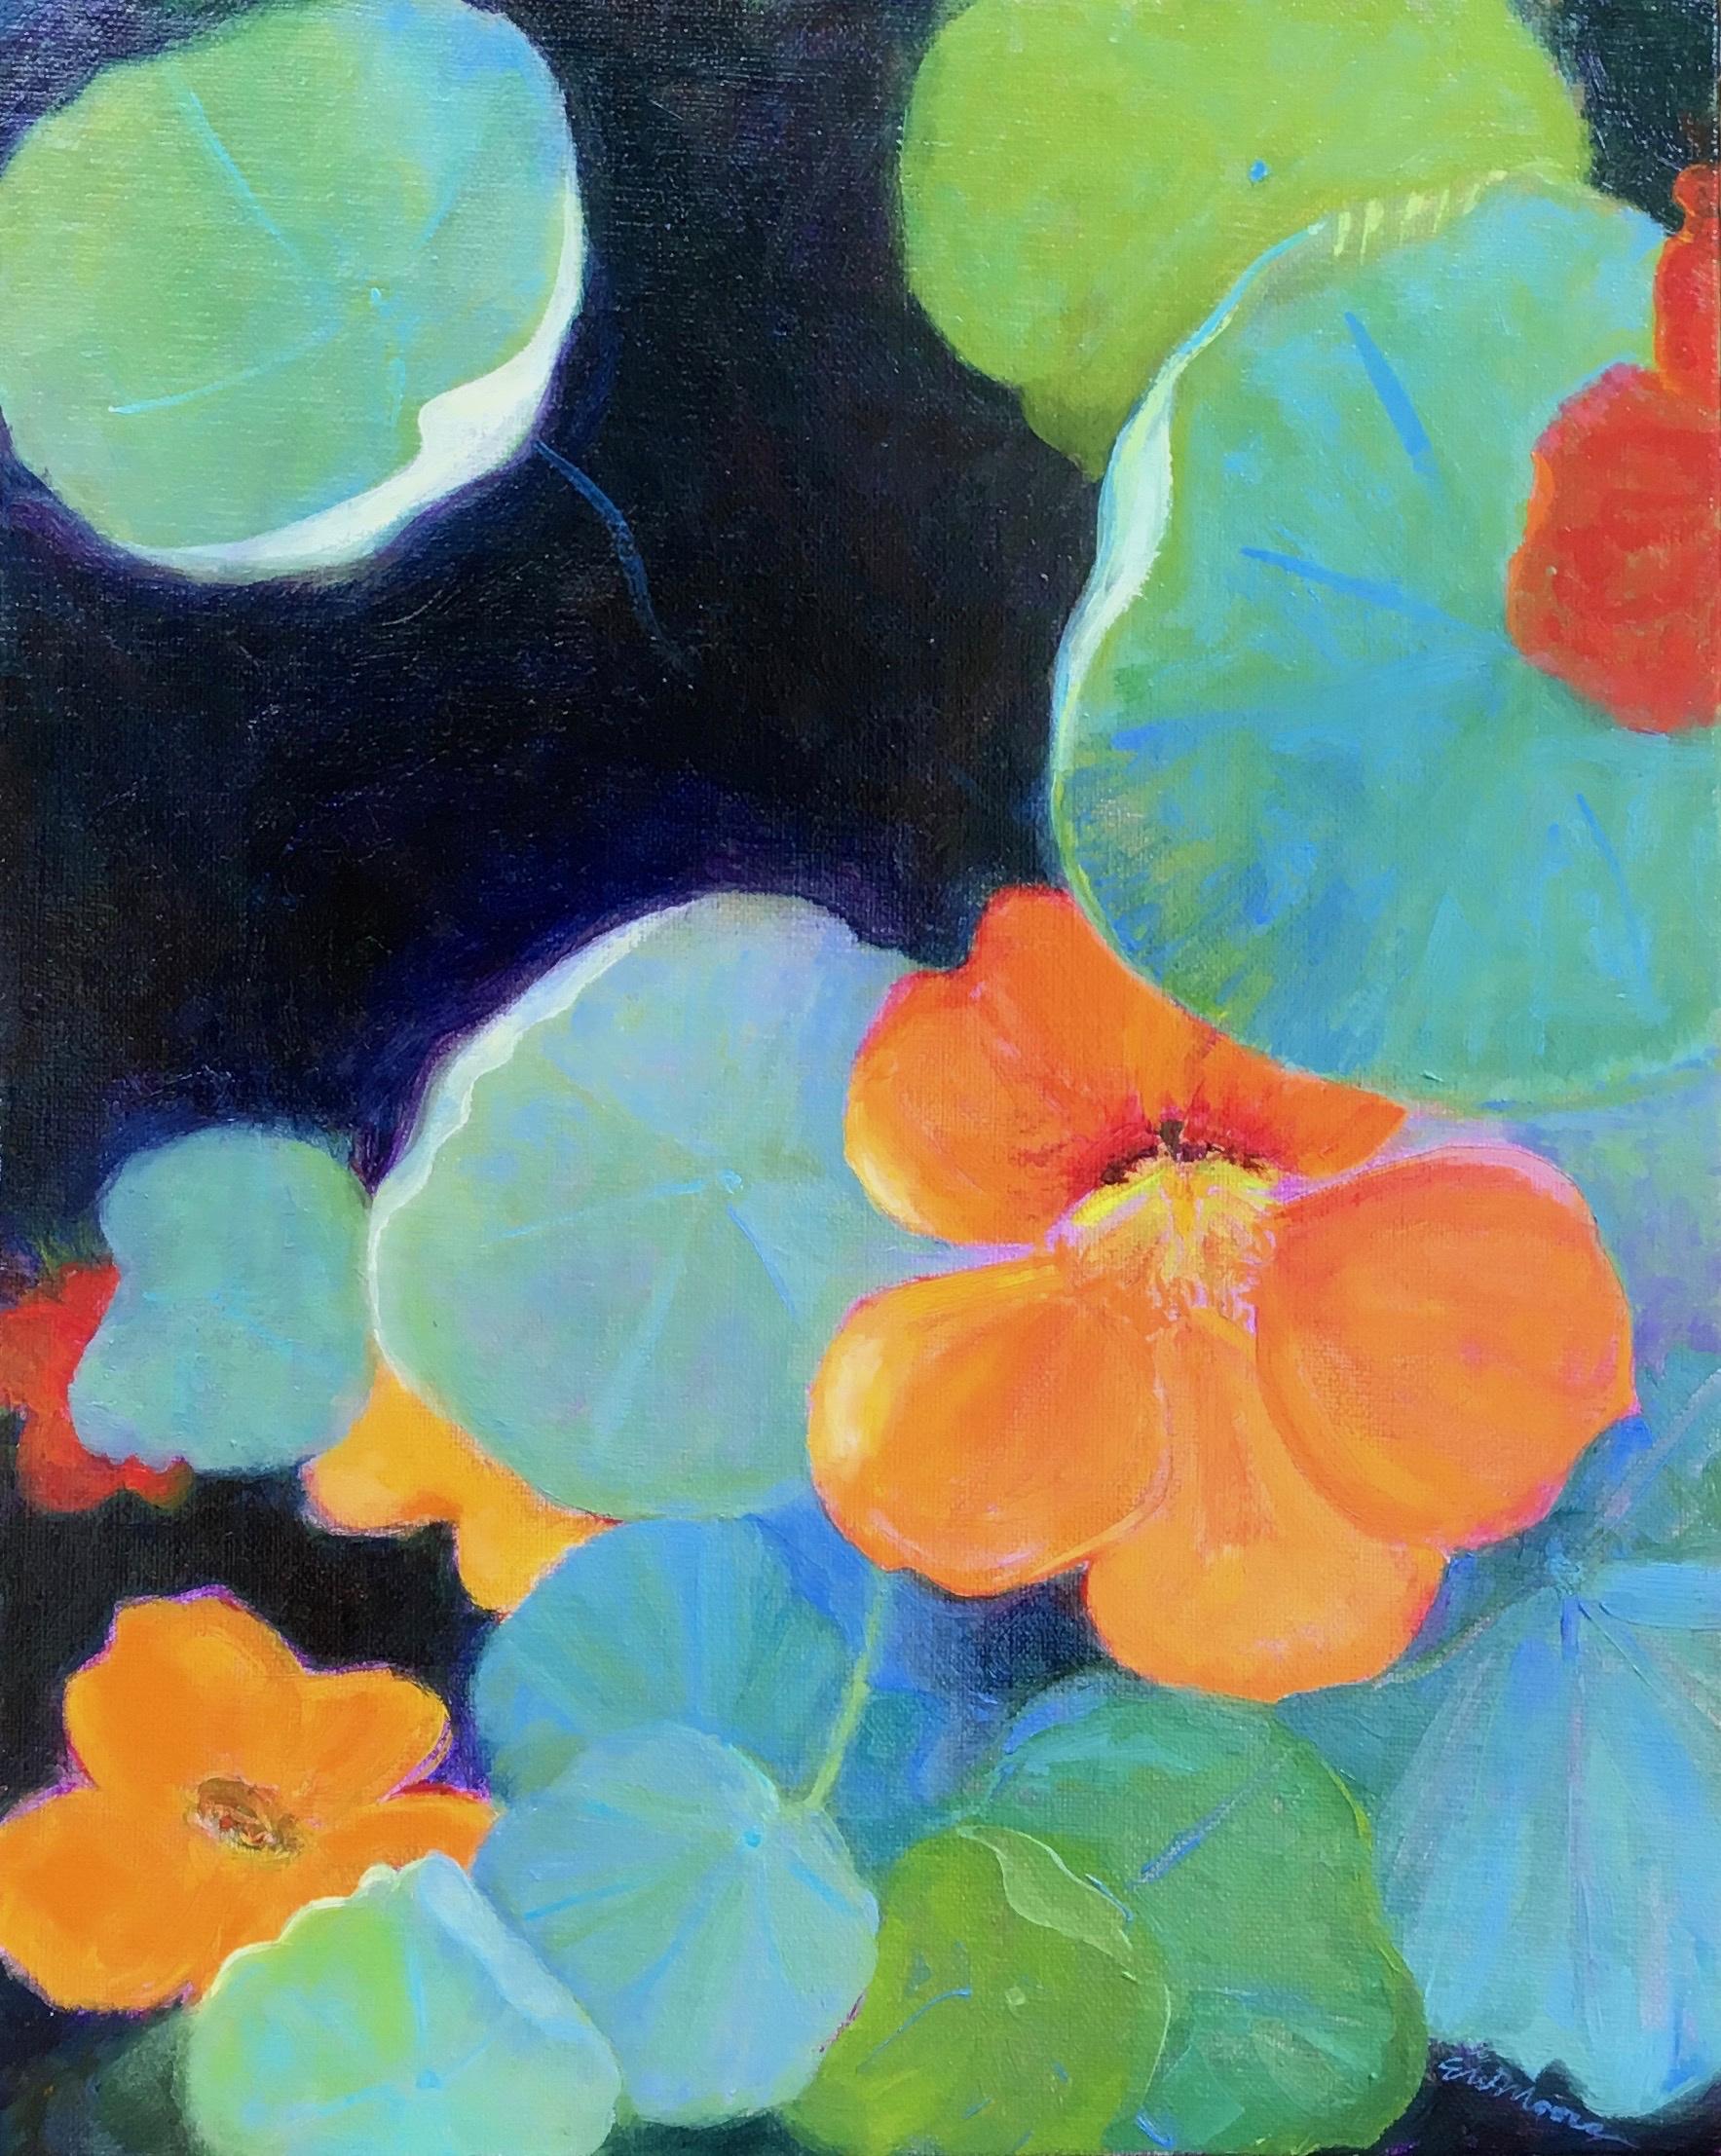 Nasturtium in Full Bloom